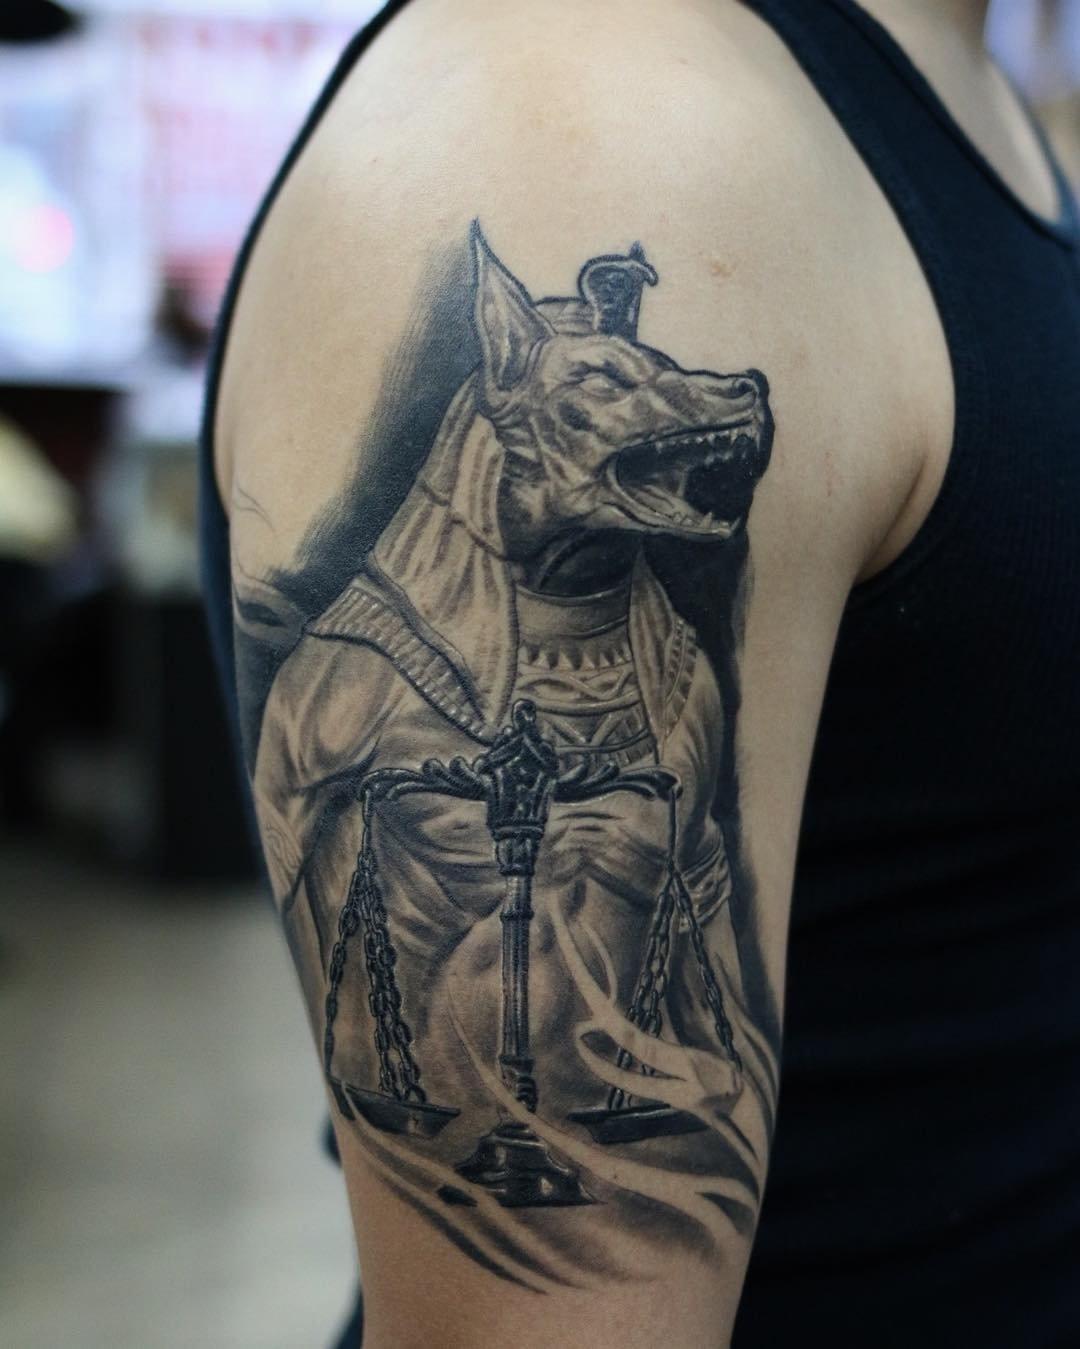 10 Most Popular Half Sleeve Tattoos For Men Ideas 27 half sleeve tattoo for men designs ideas design trends 2021